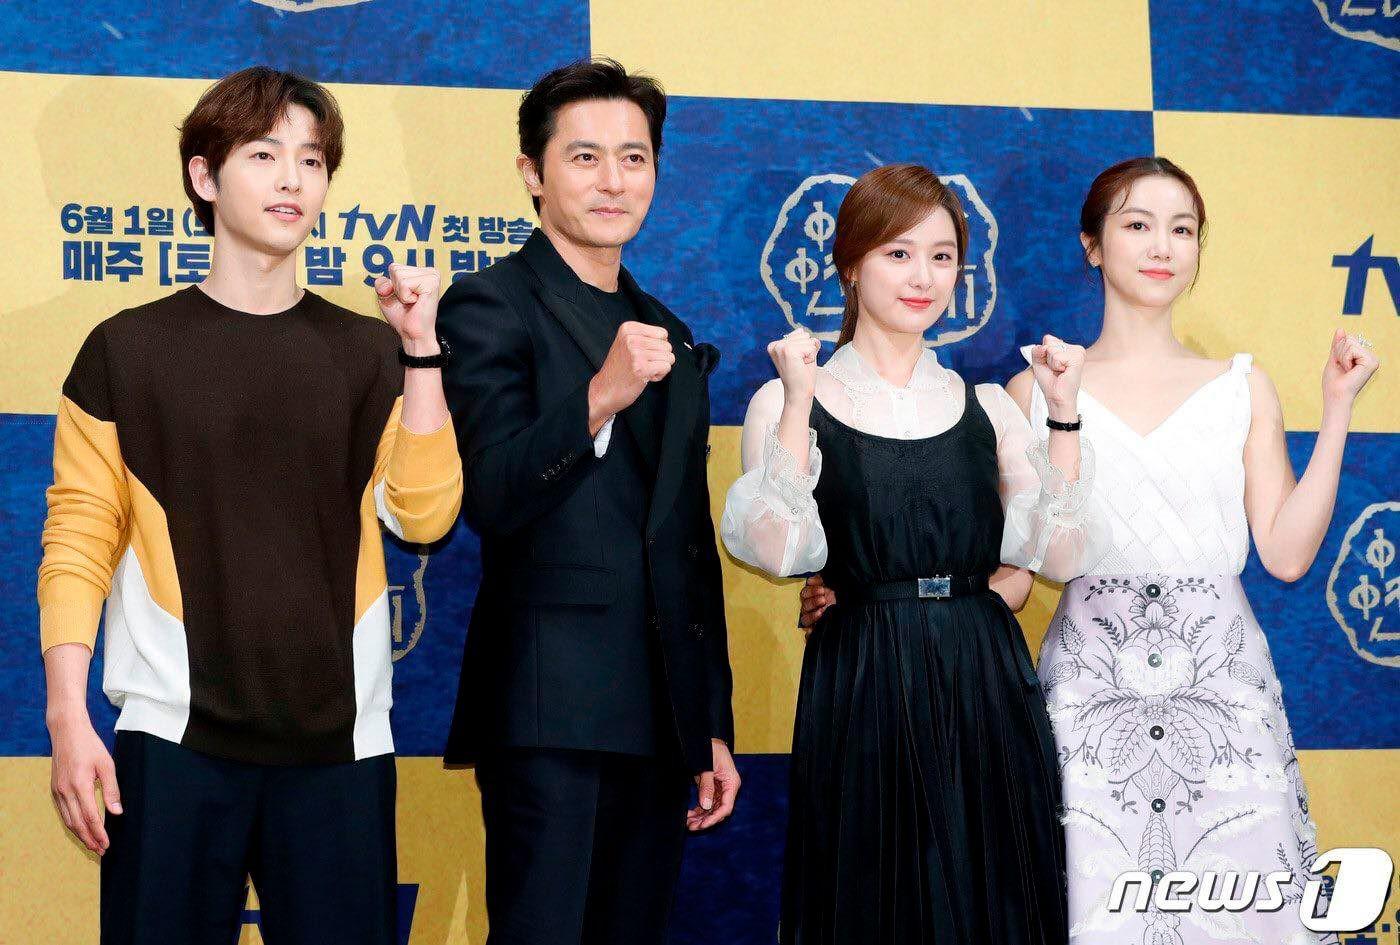 Dính nghi án ngoại tình với Kim Ok Bin, Song Joong Ki hạn chế đứng gần cô trong họp báo - Ảnh 3.